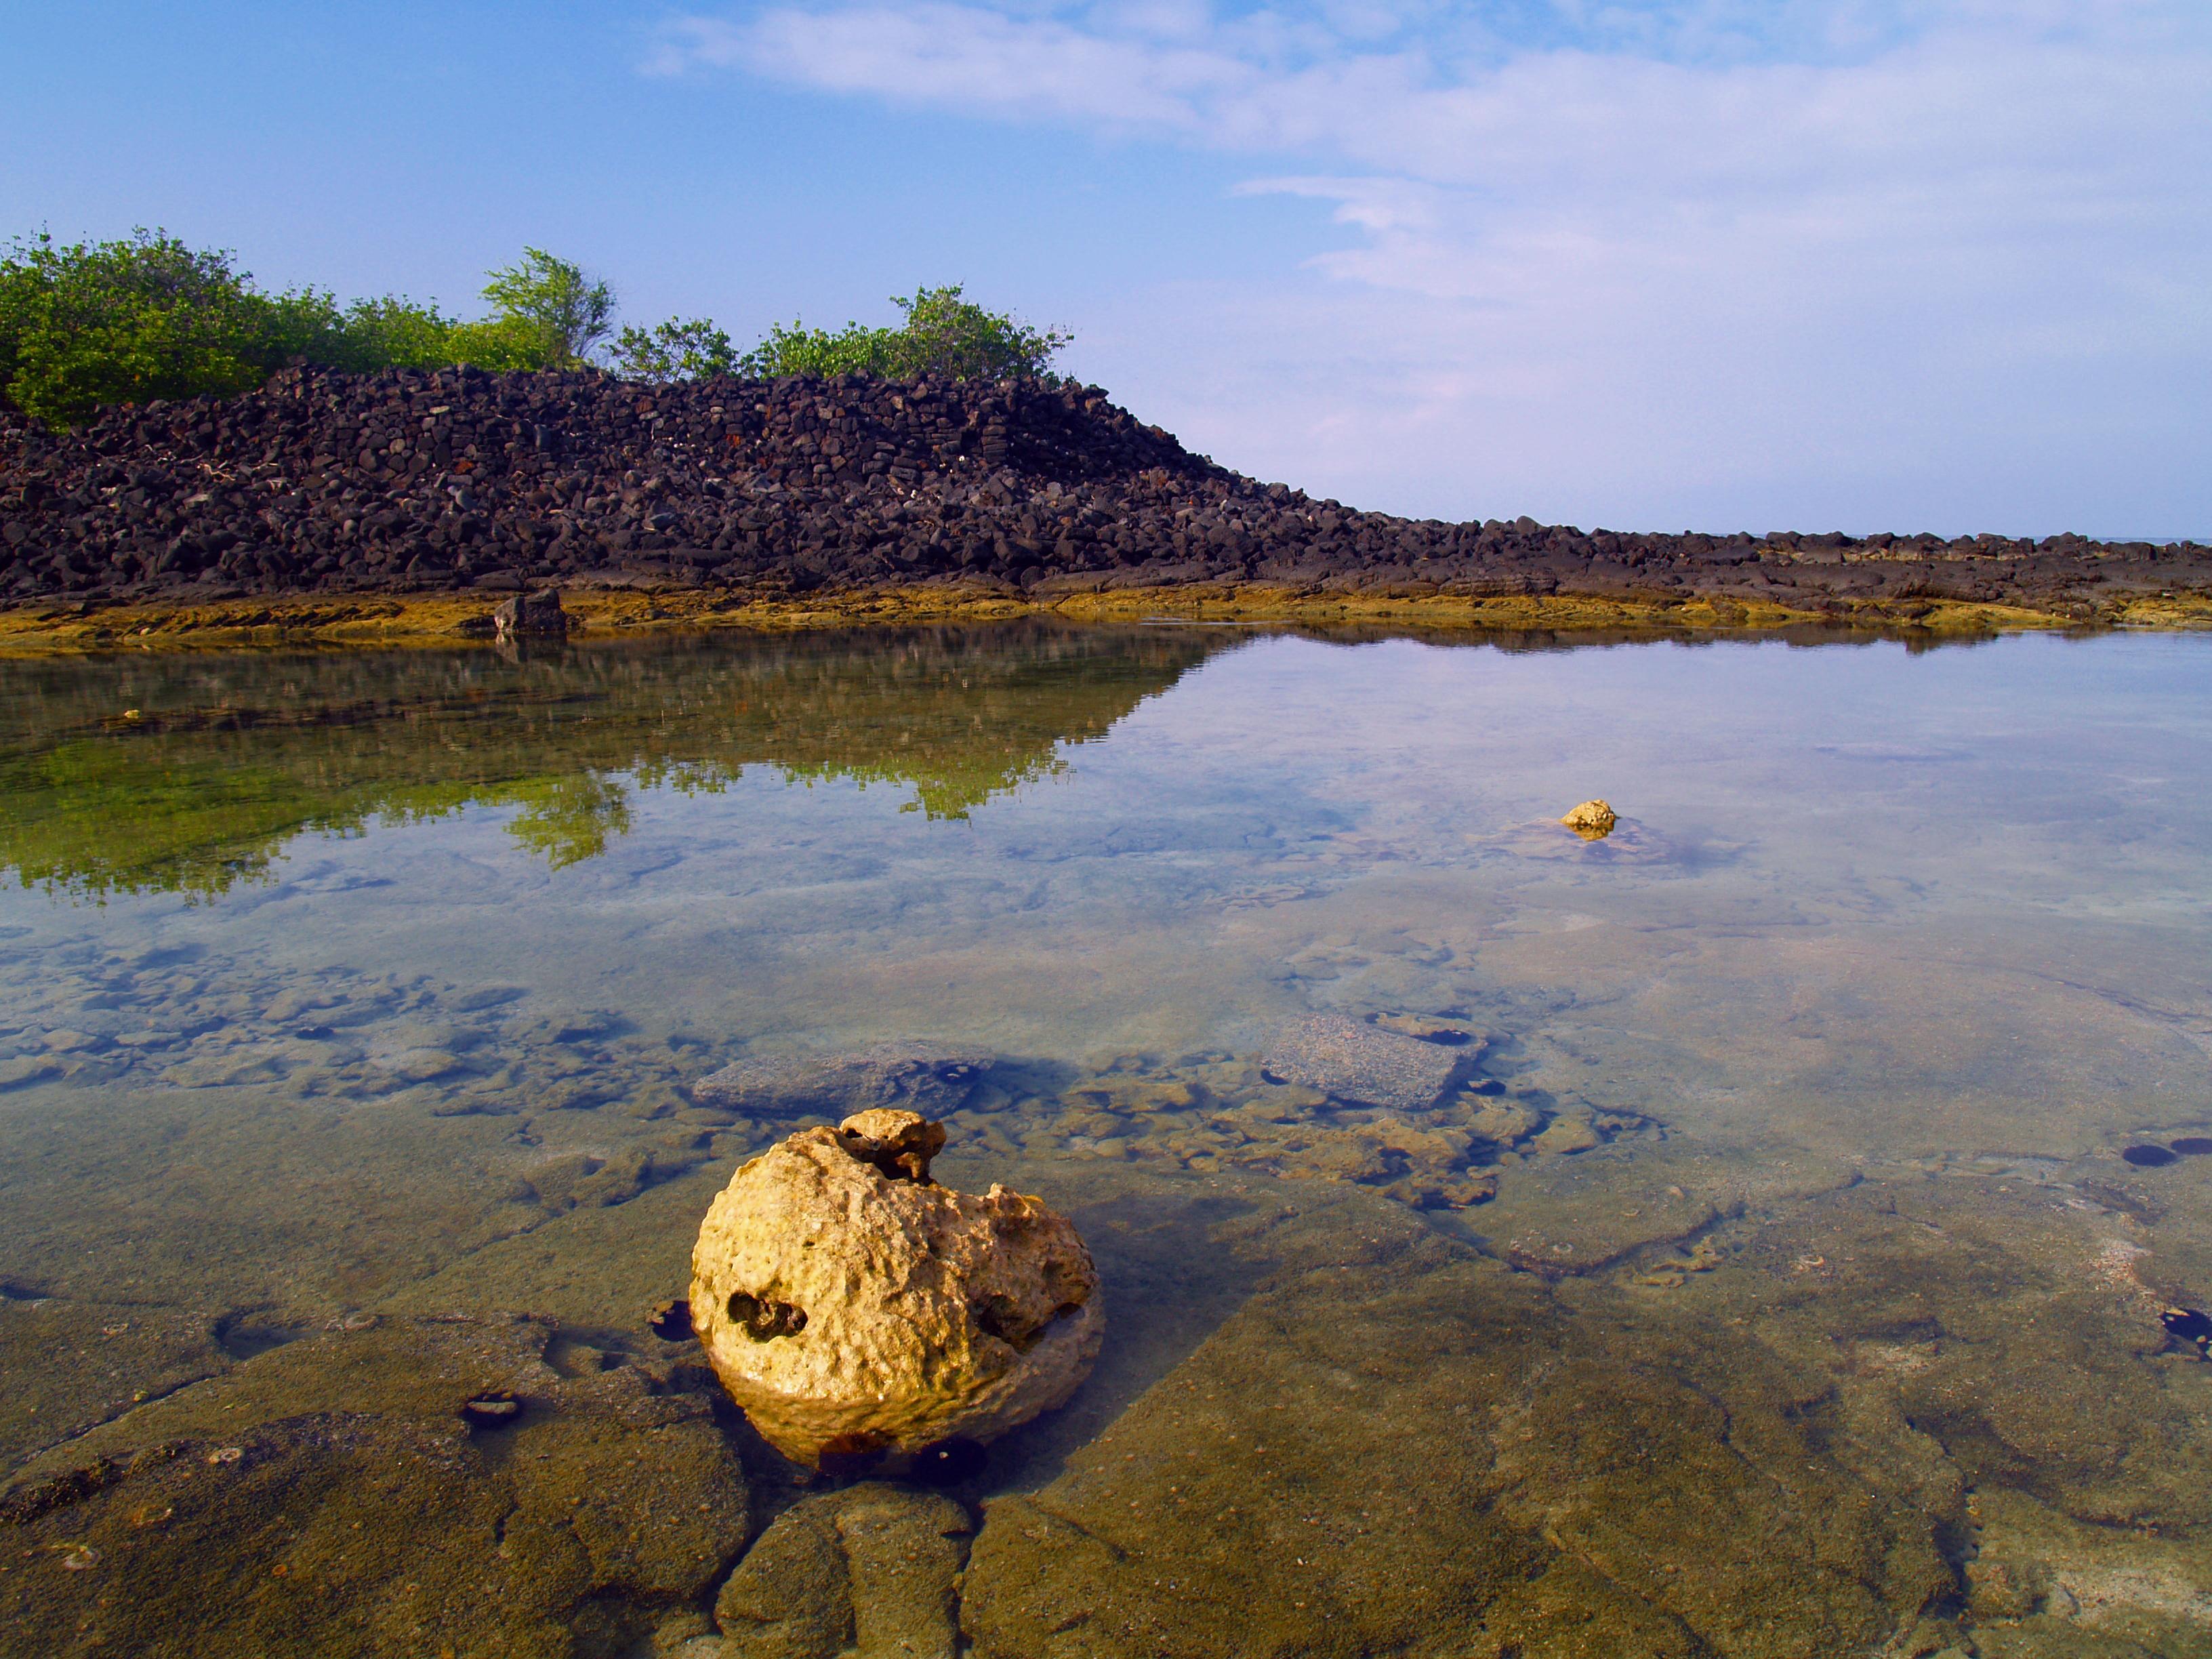 From Hapaialii Heiau to Keeku Heiau, Keauhou Historic District, Kona Hawaii: Photo by Donnie MacGowan